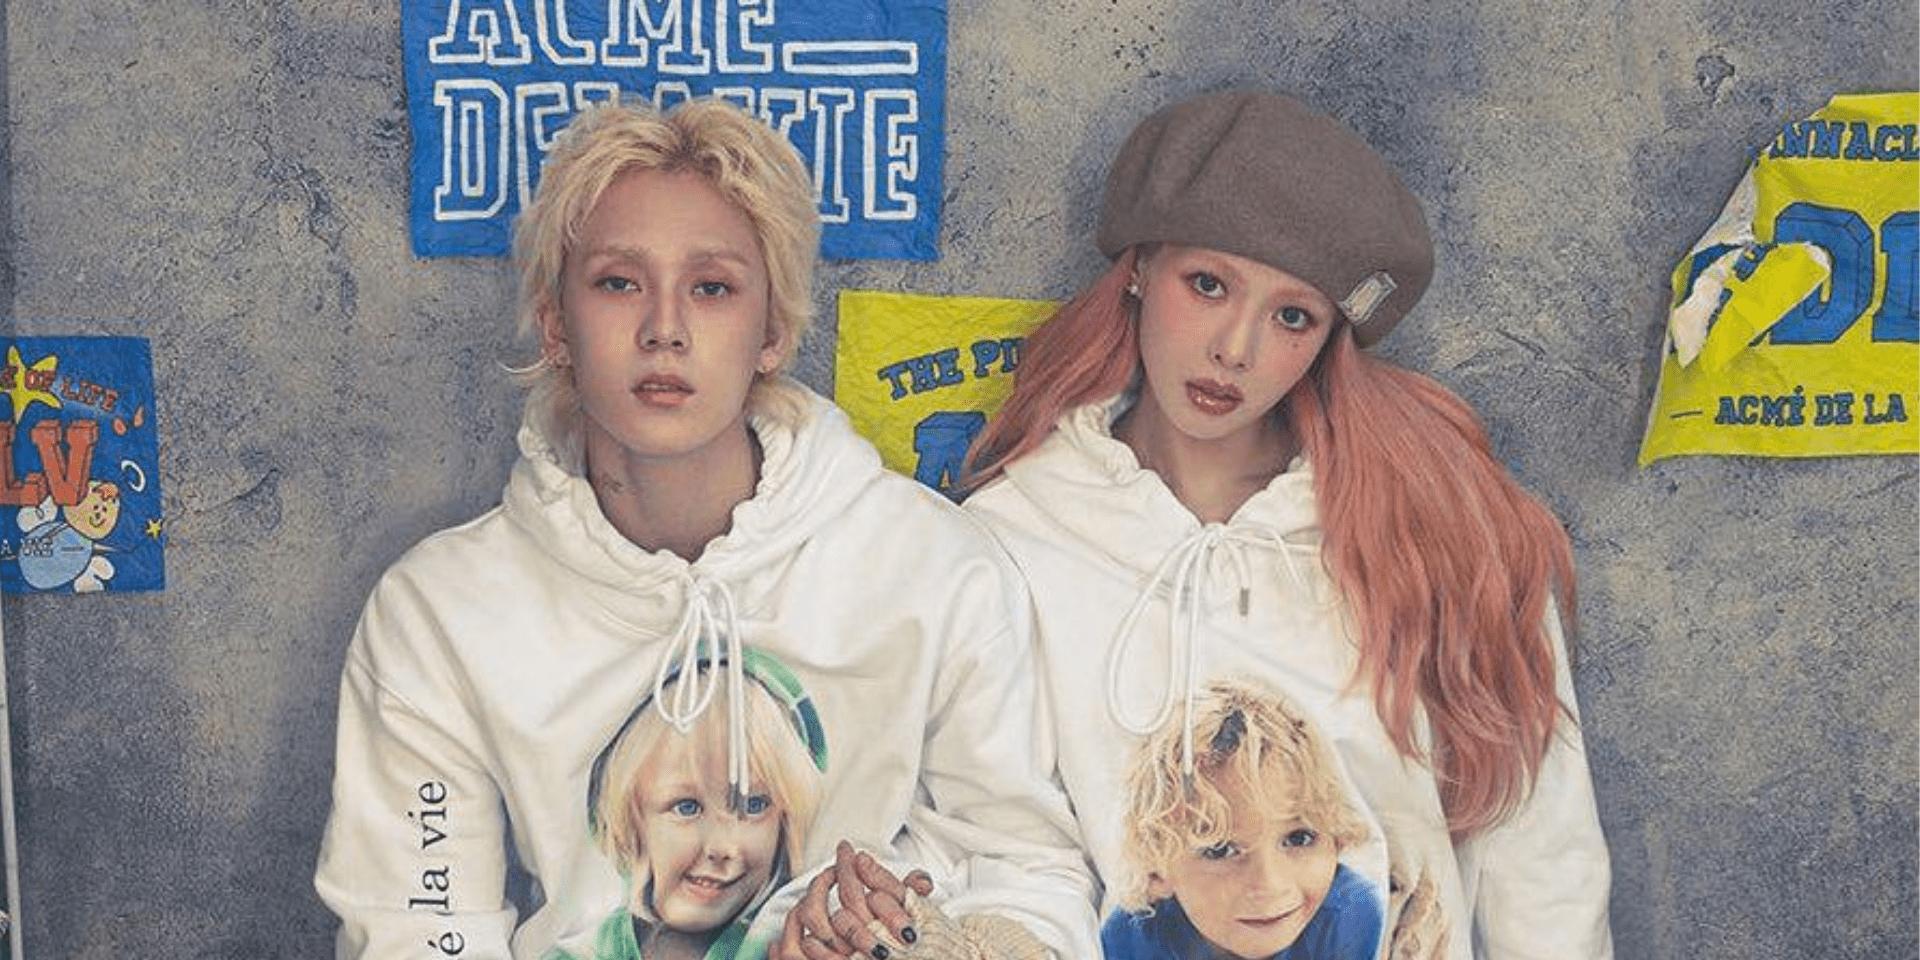 September kpop comebacks 2021